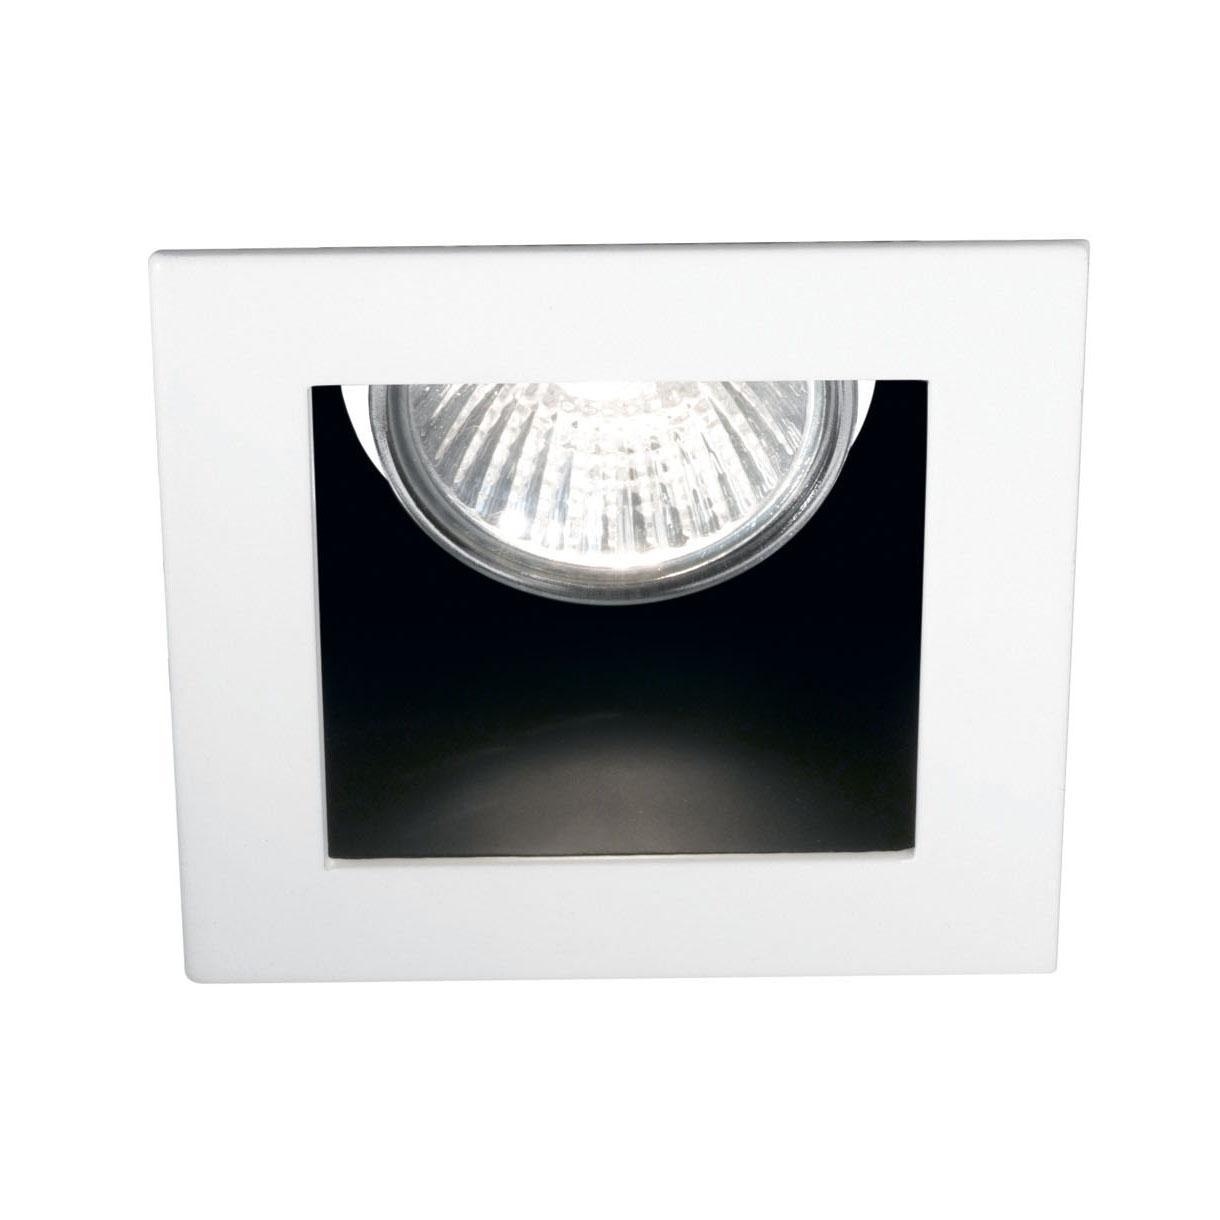 Встраиваемый светильник Ideal Lux Funky Bianco ideal lux встраиваемый светильник ideal lux swing bianco